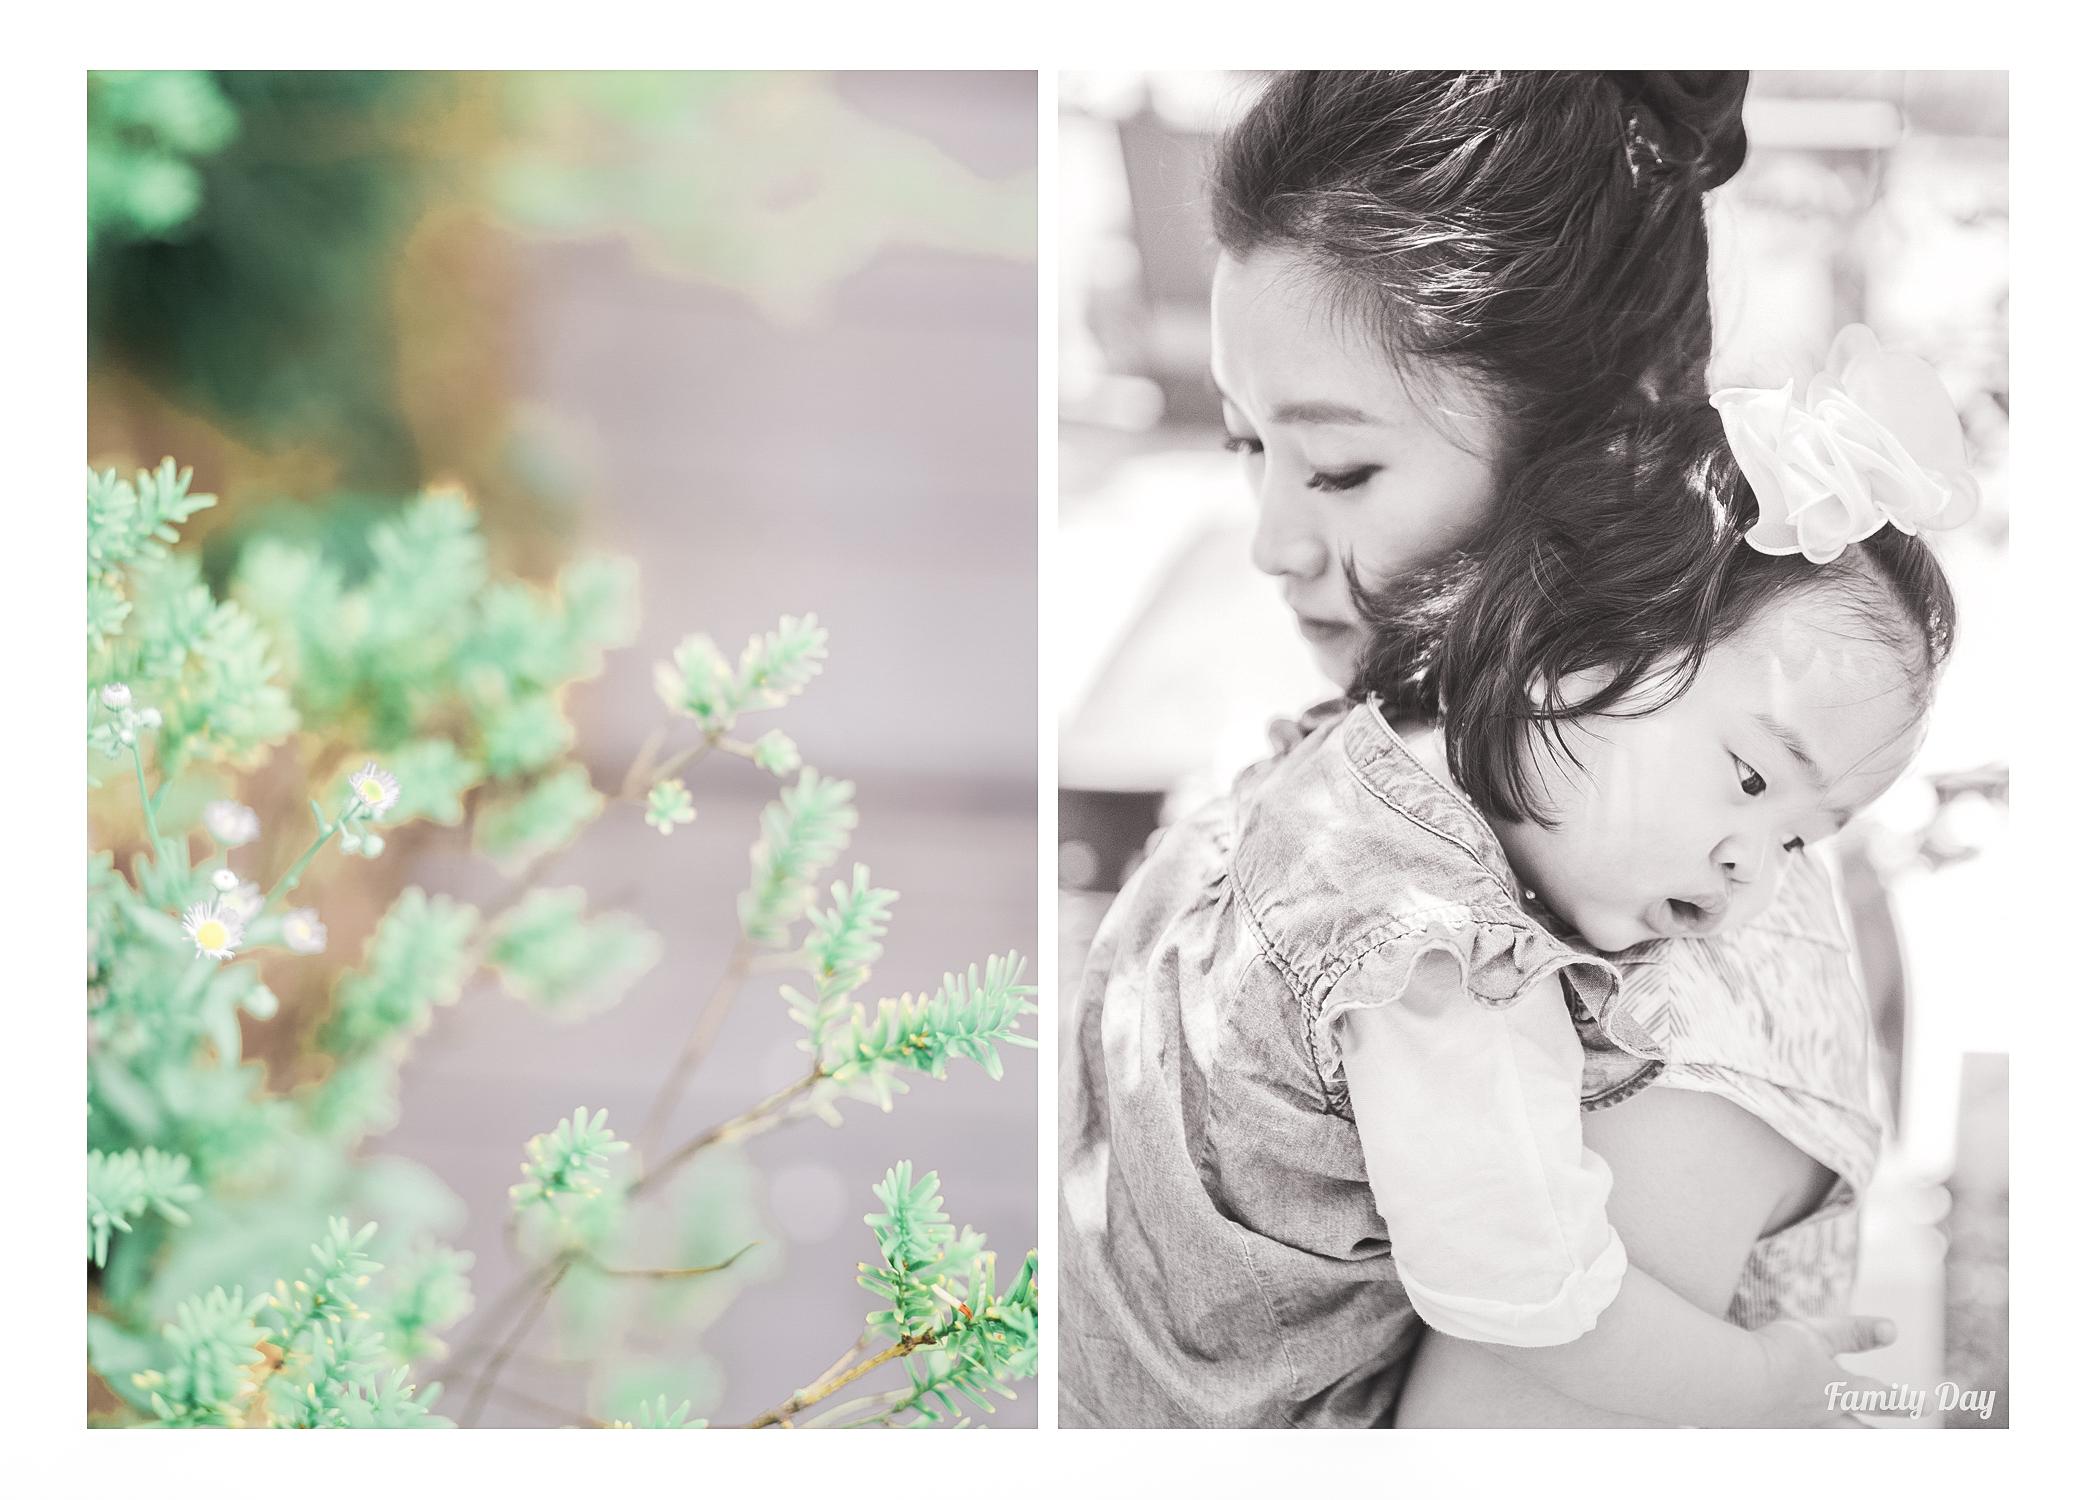 패밀리데이_familyday_studio_돌스냅_ca